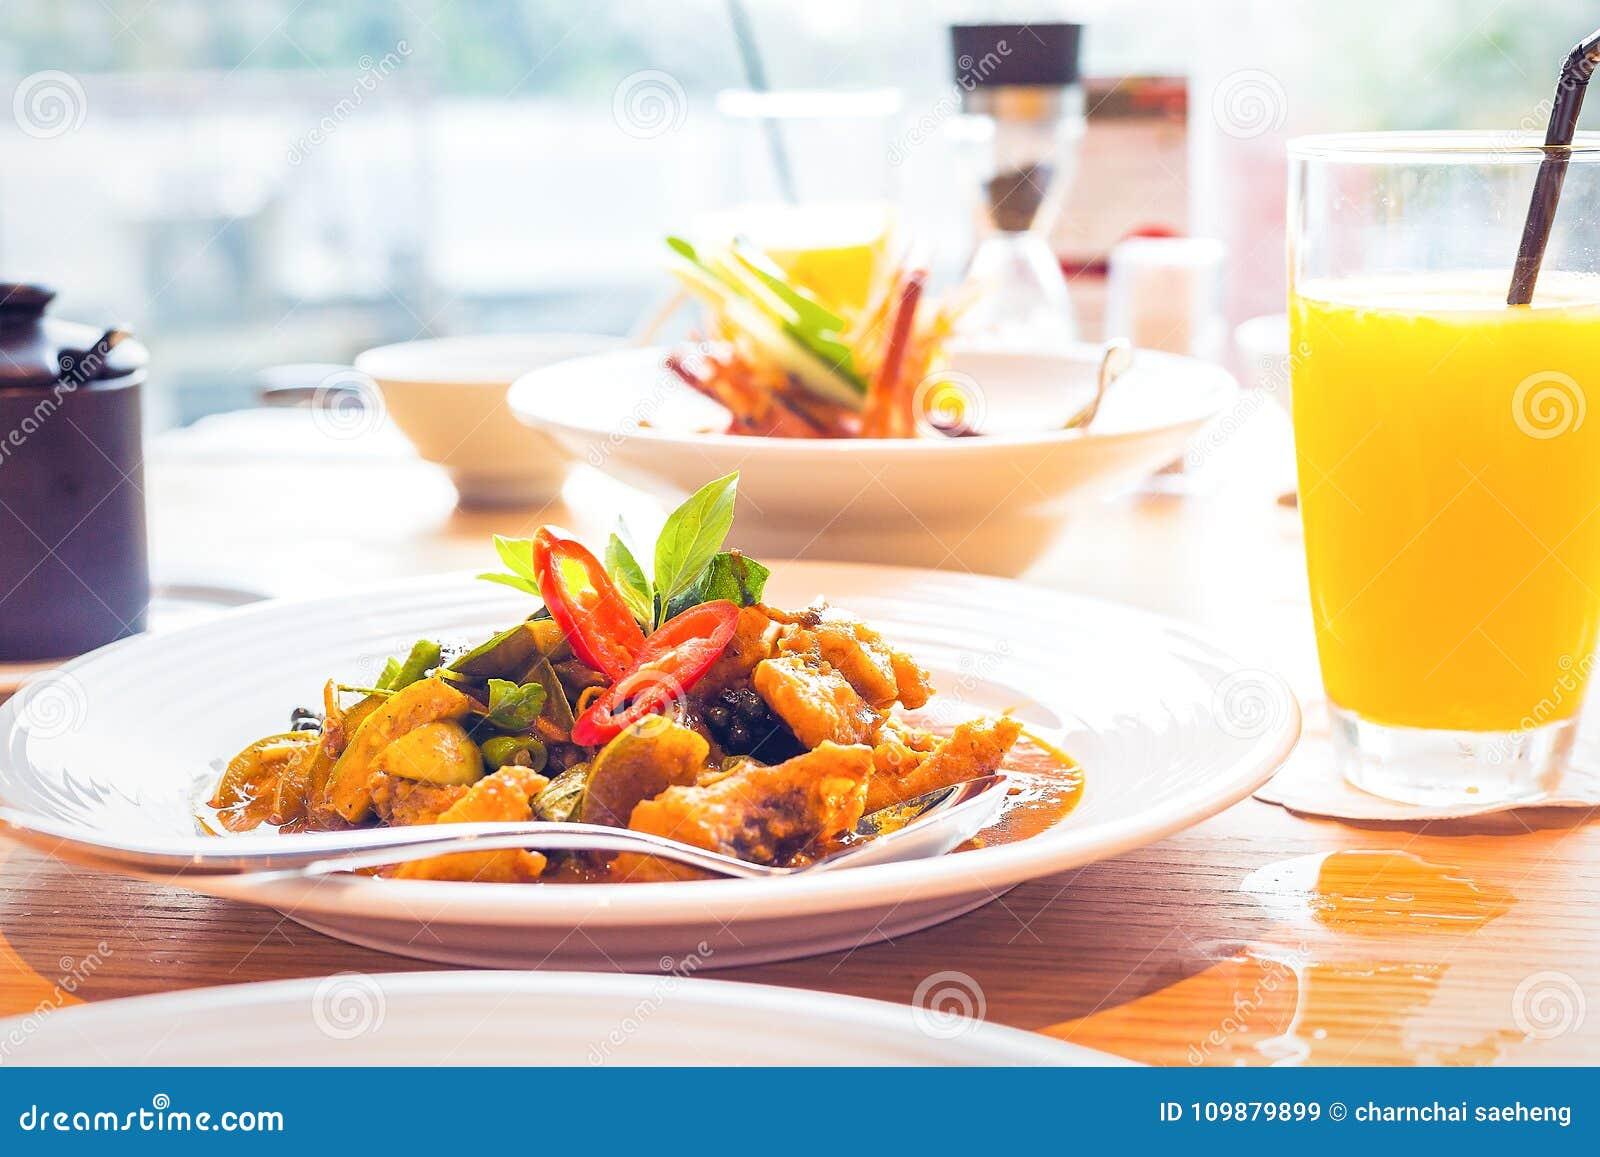 Alimento tailandês picante e erva do caril na mesa na tabela